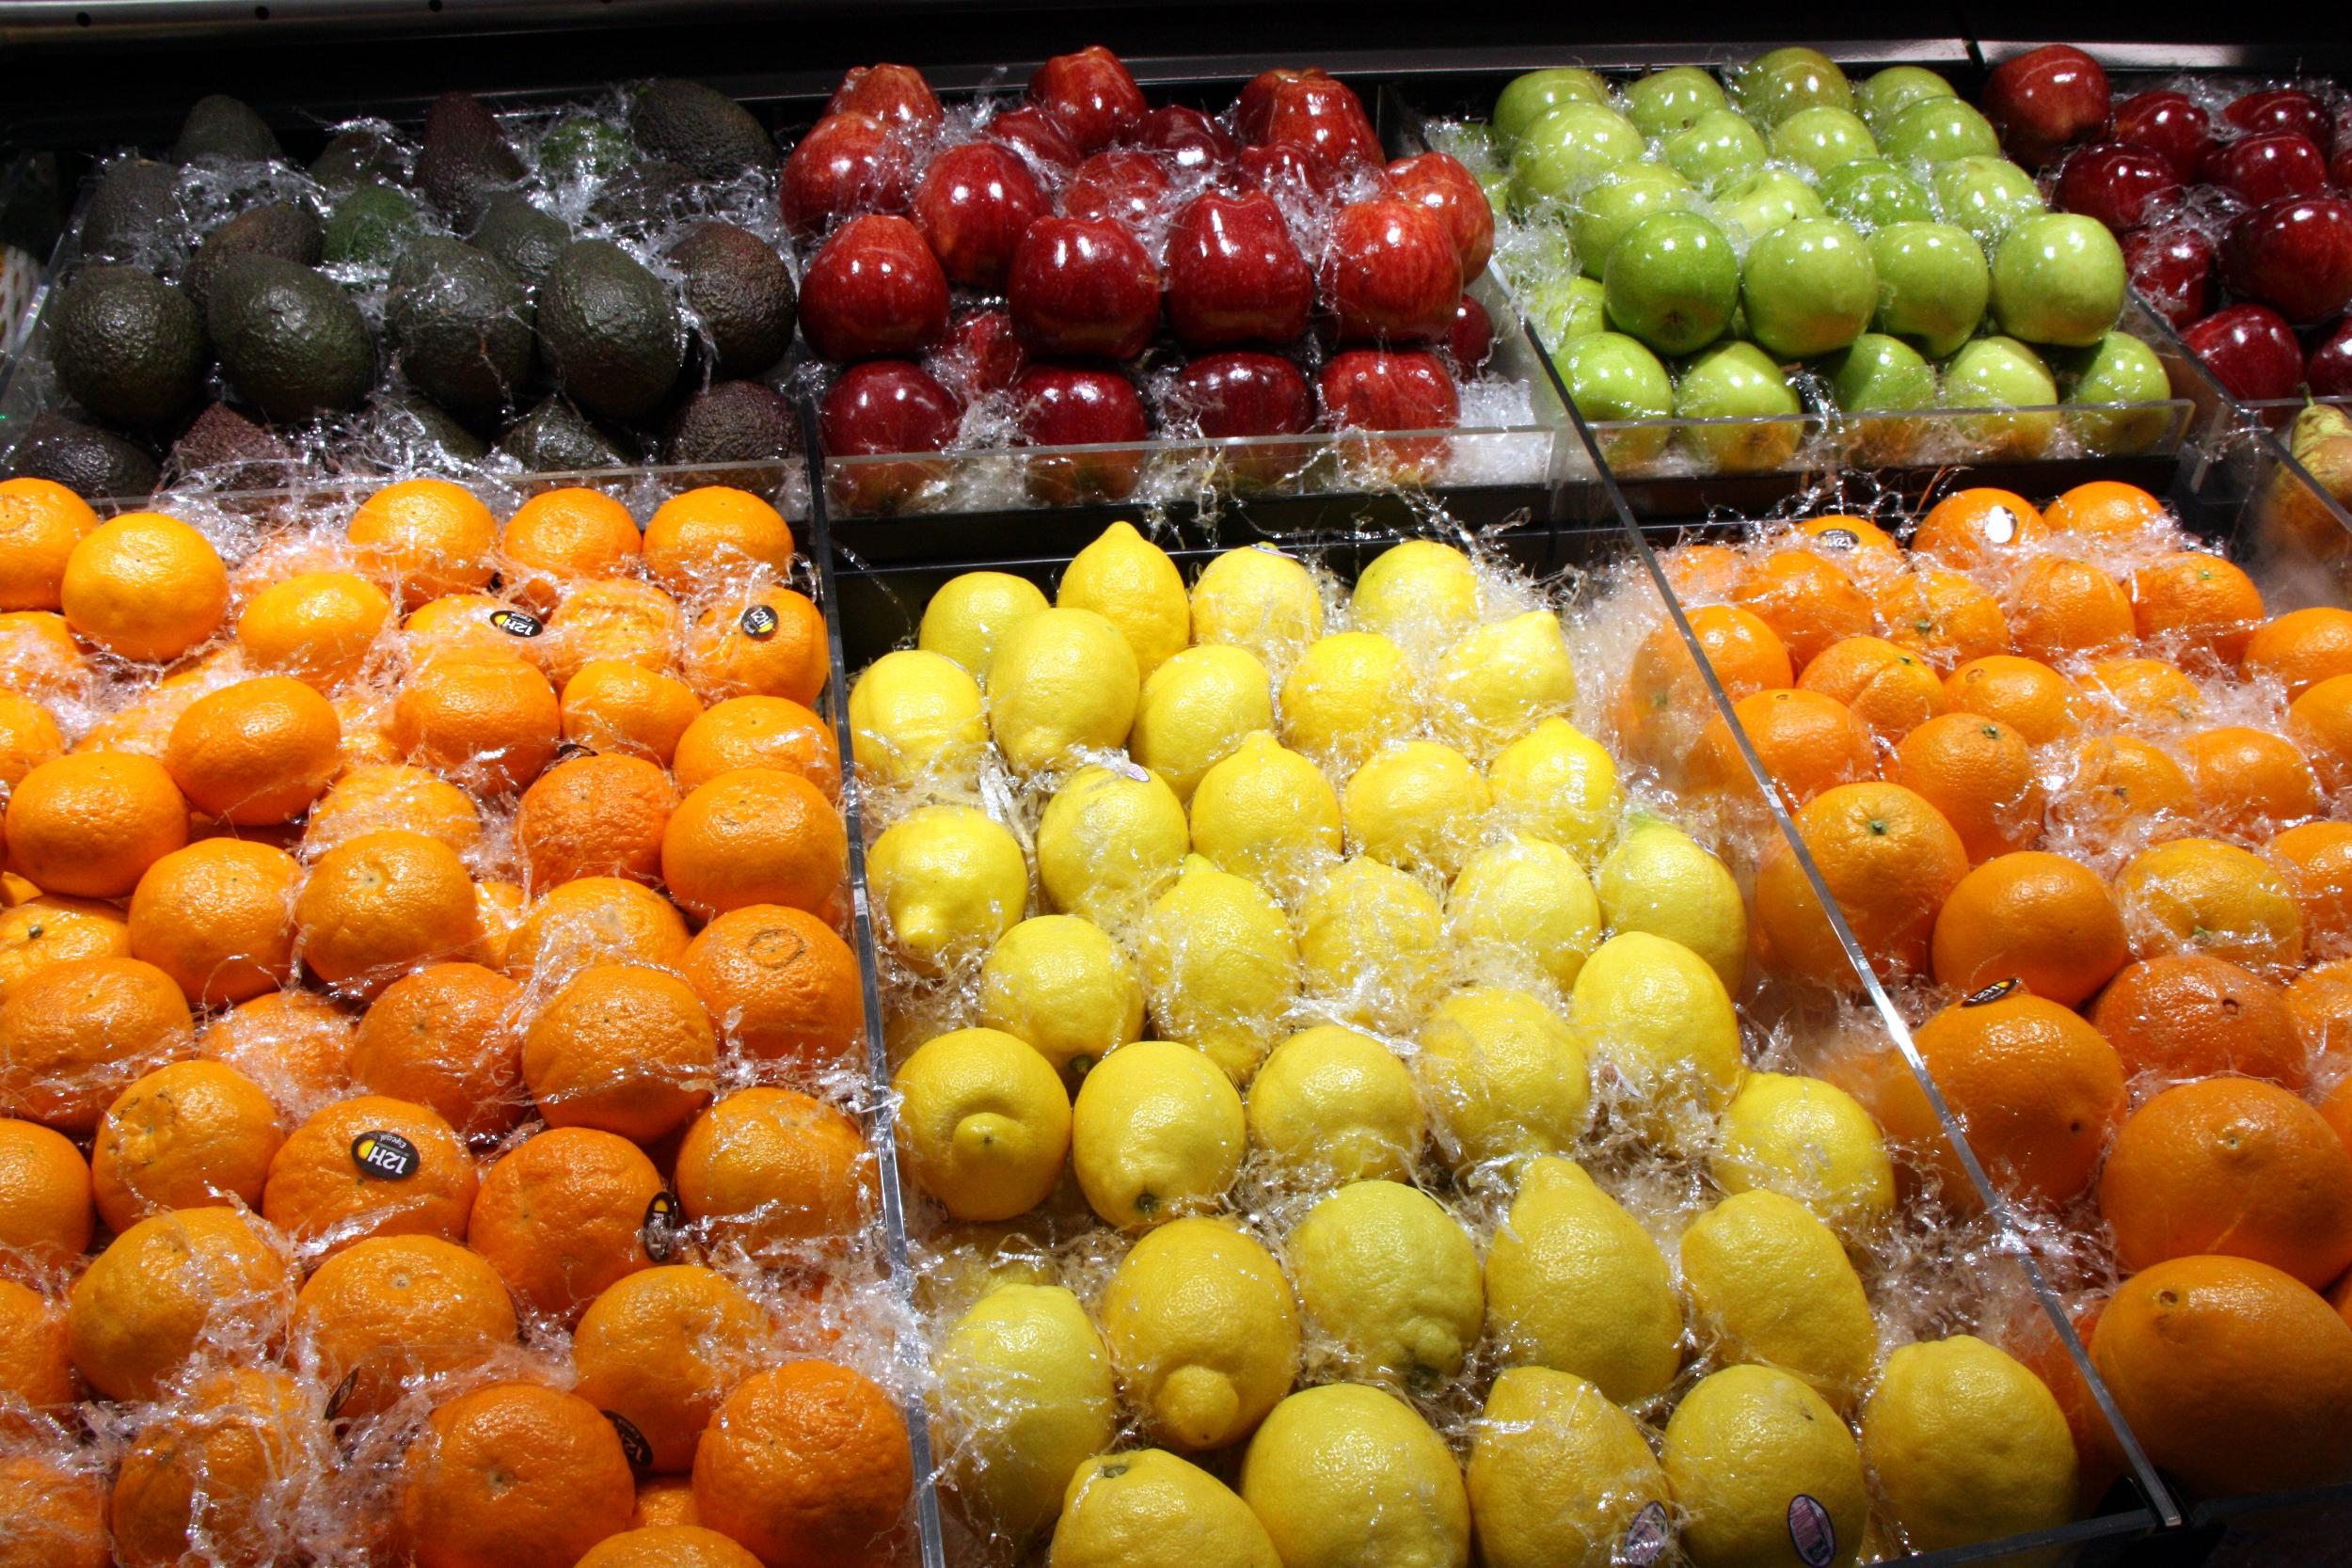 Aparador amb fruites i verdures | ACN